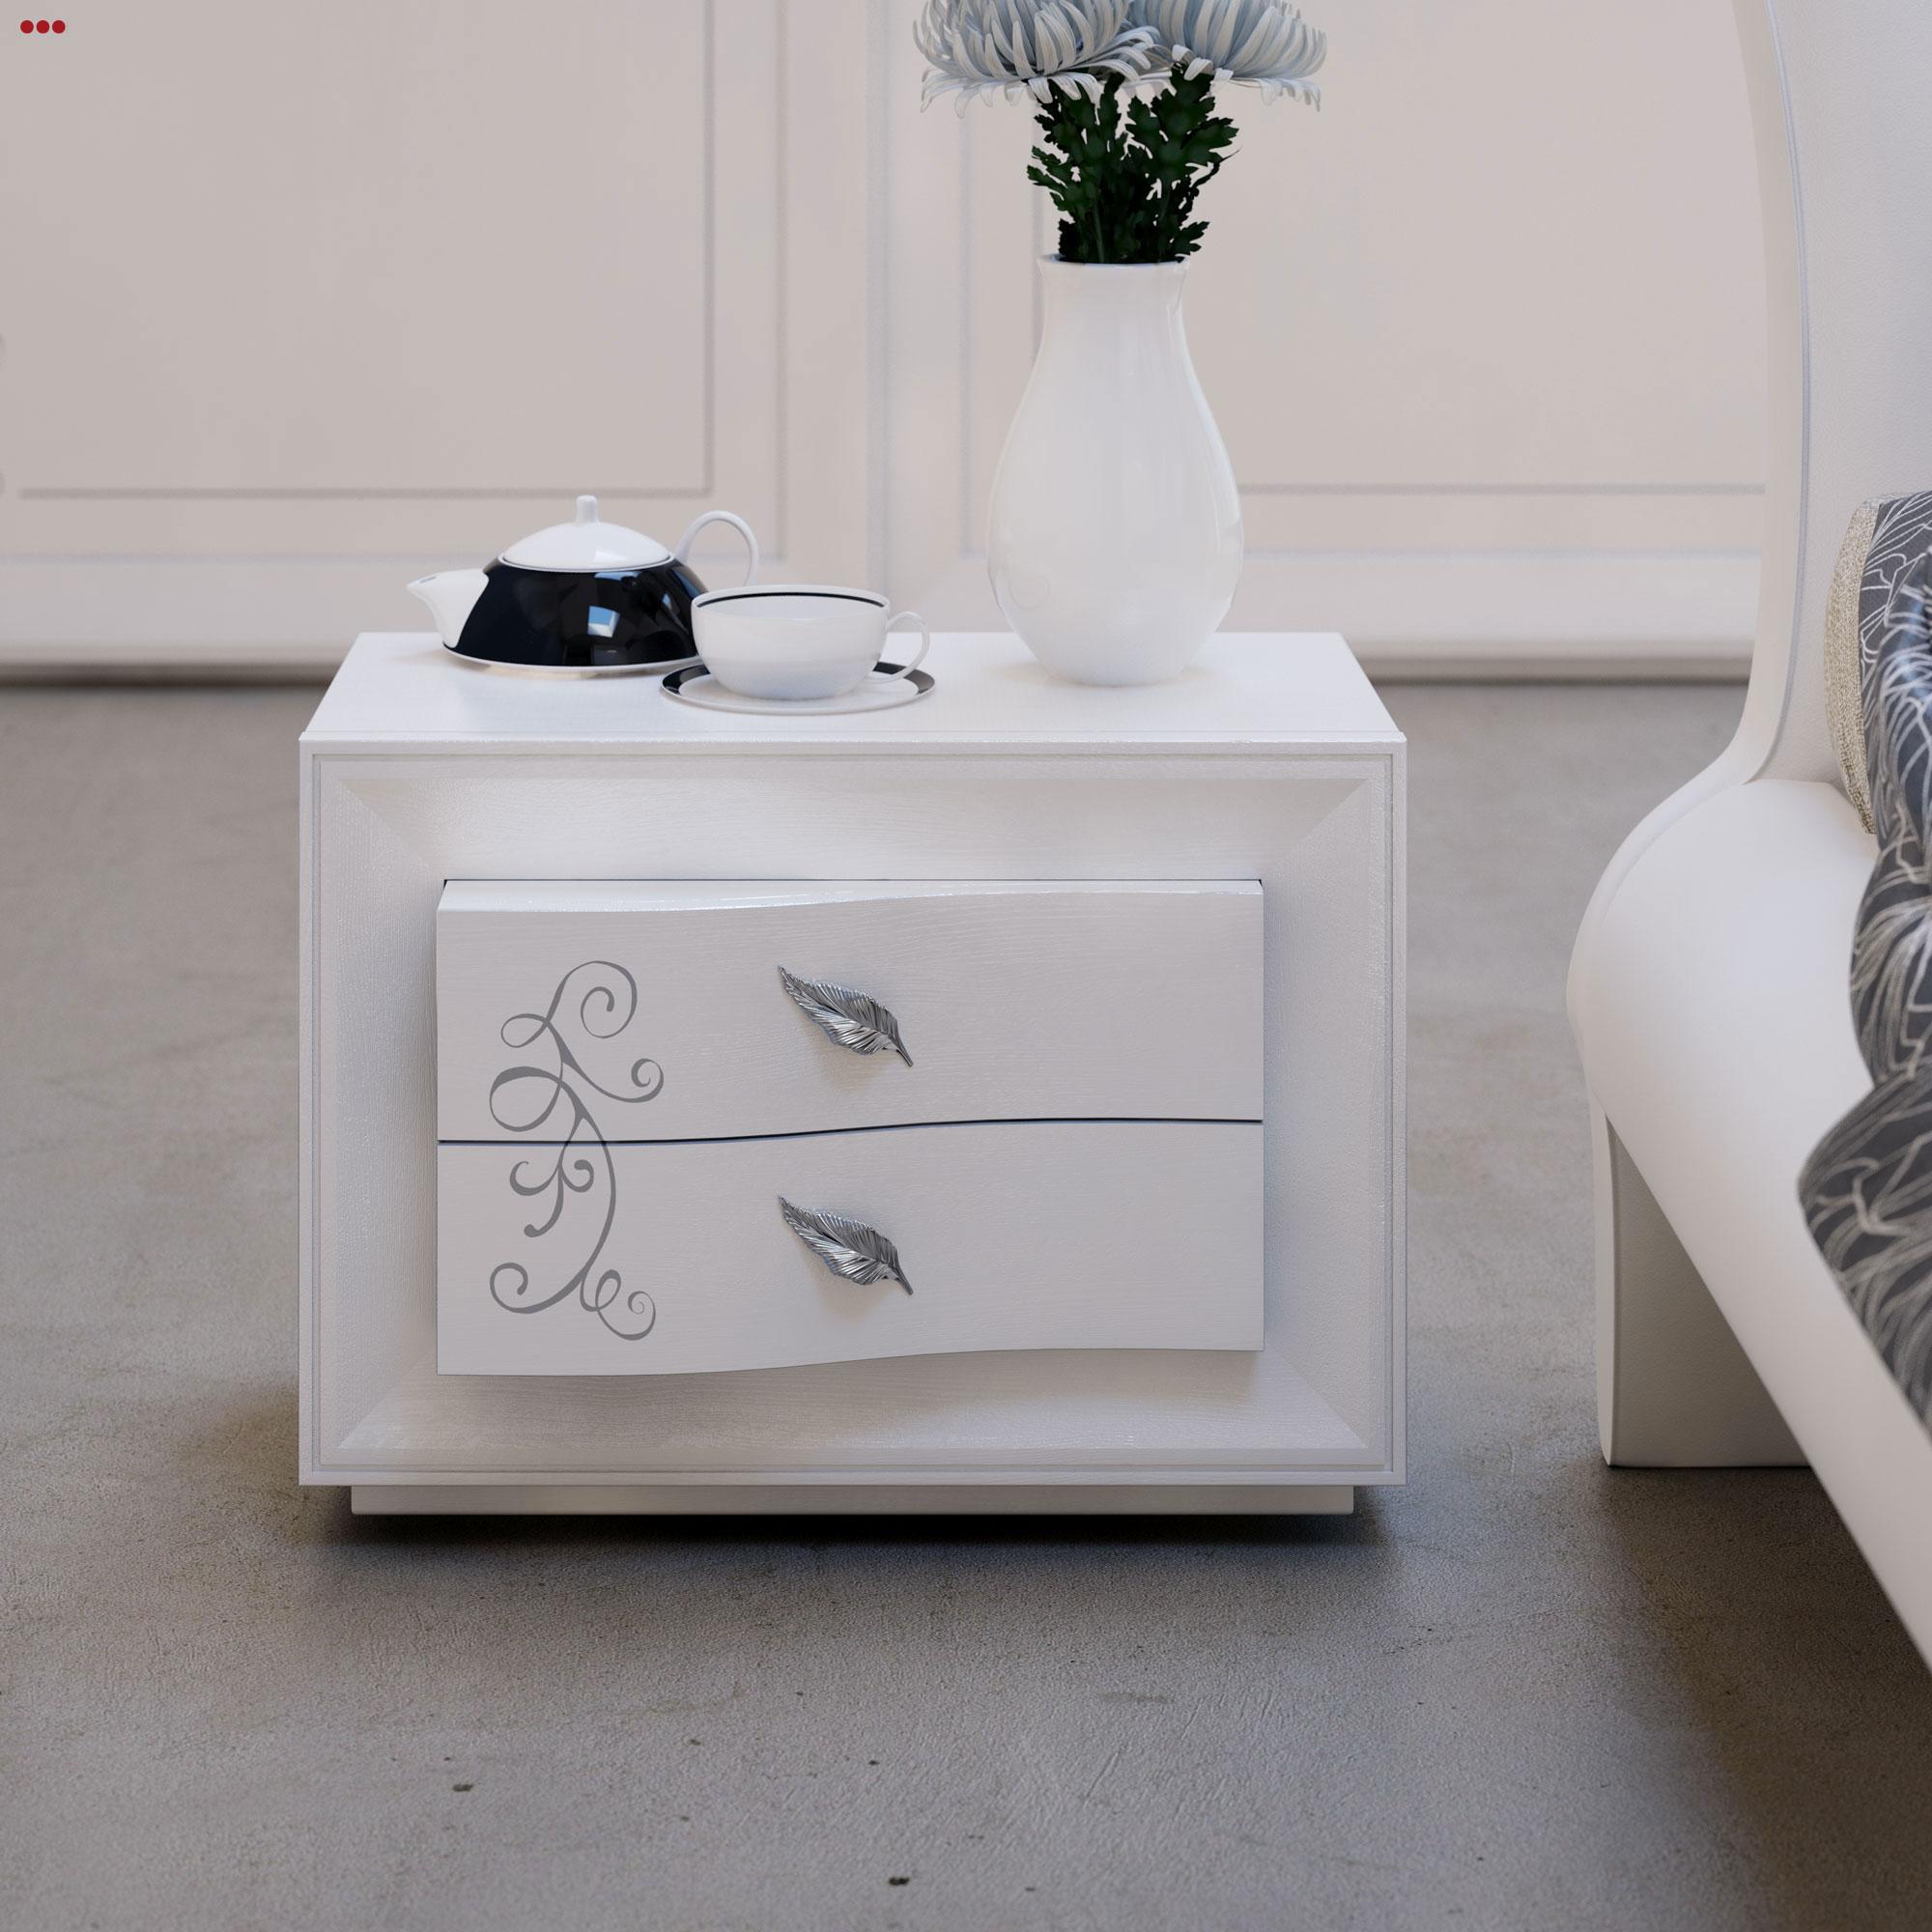 Studio Bartolini rendering progettazione 3d mobile classico catalogo euro design 2013 camera M comodino